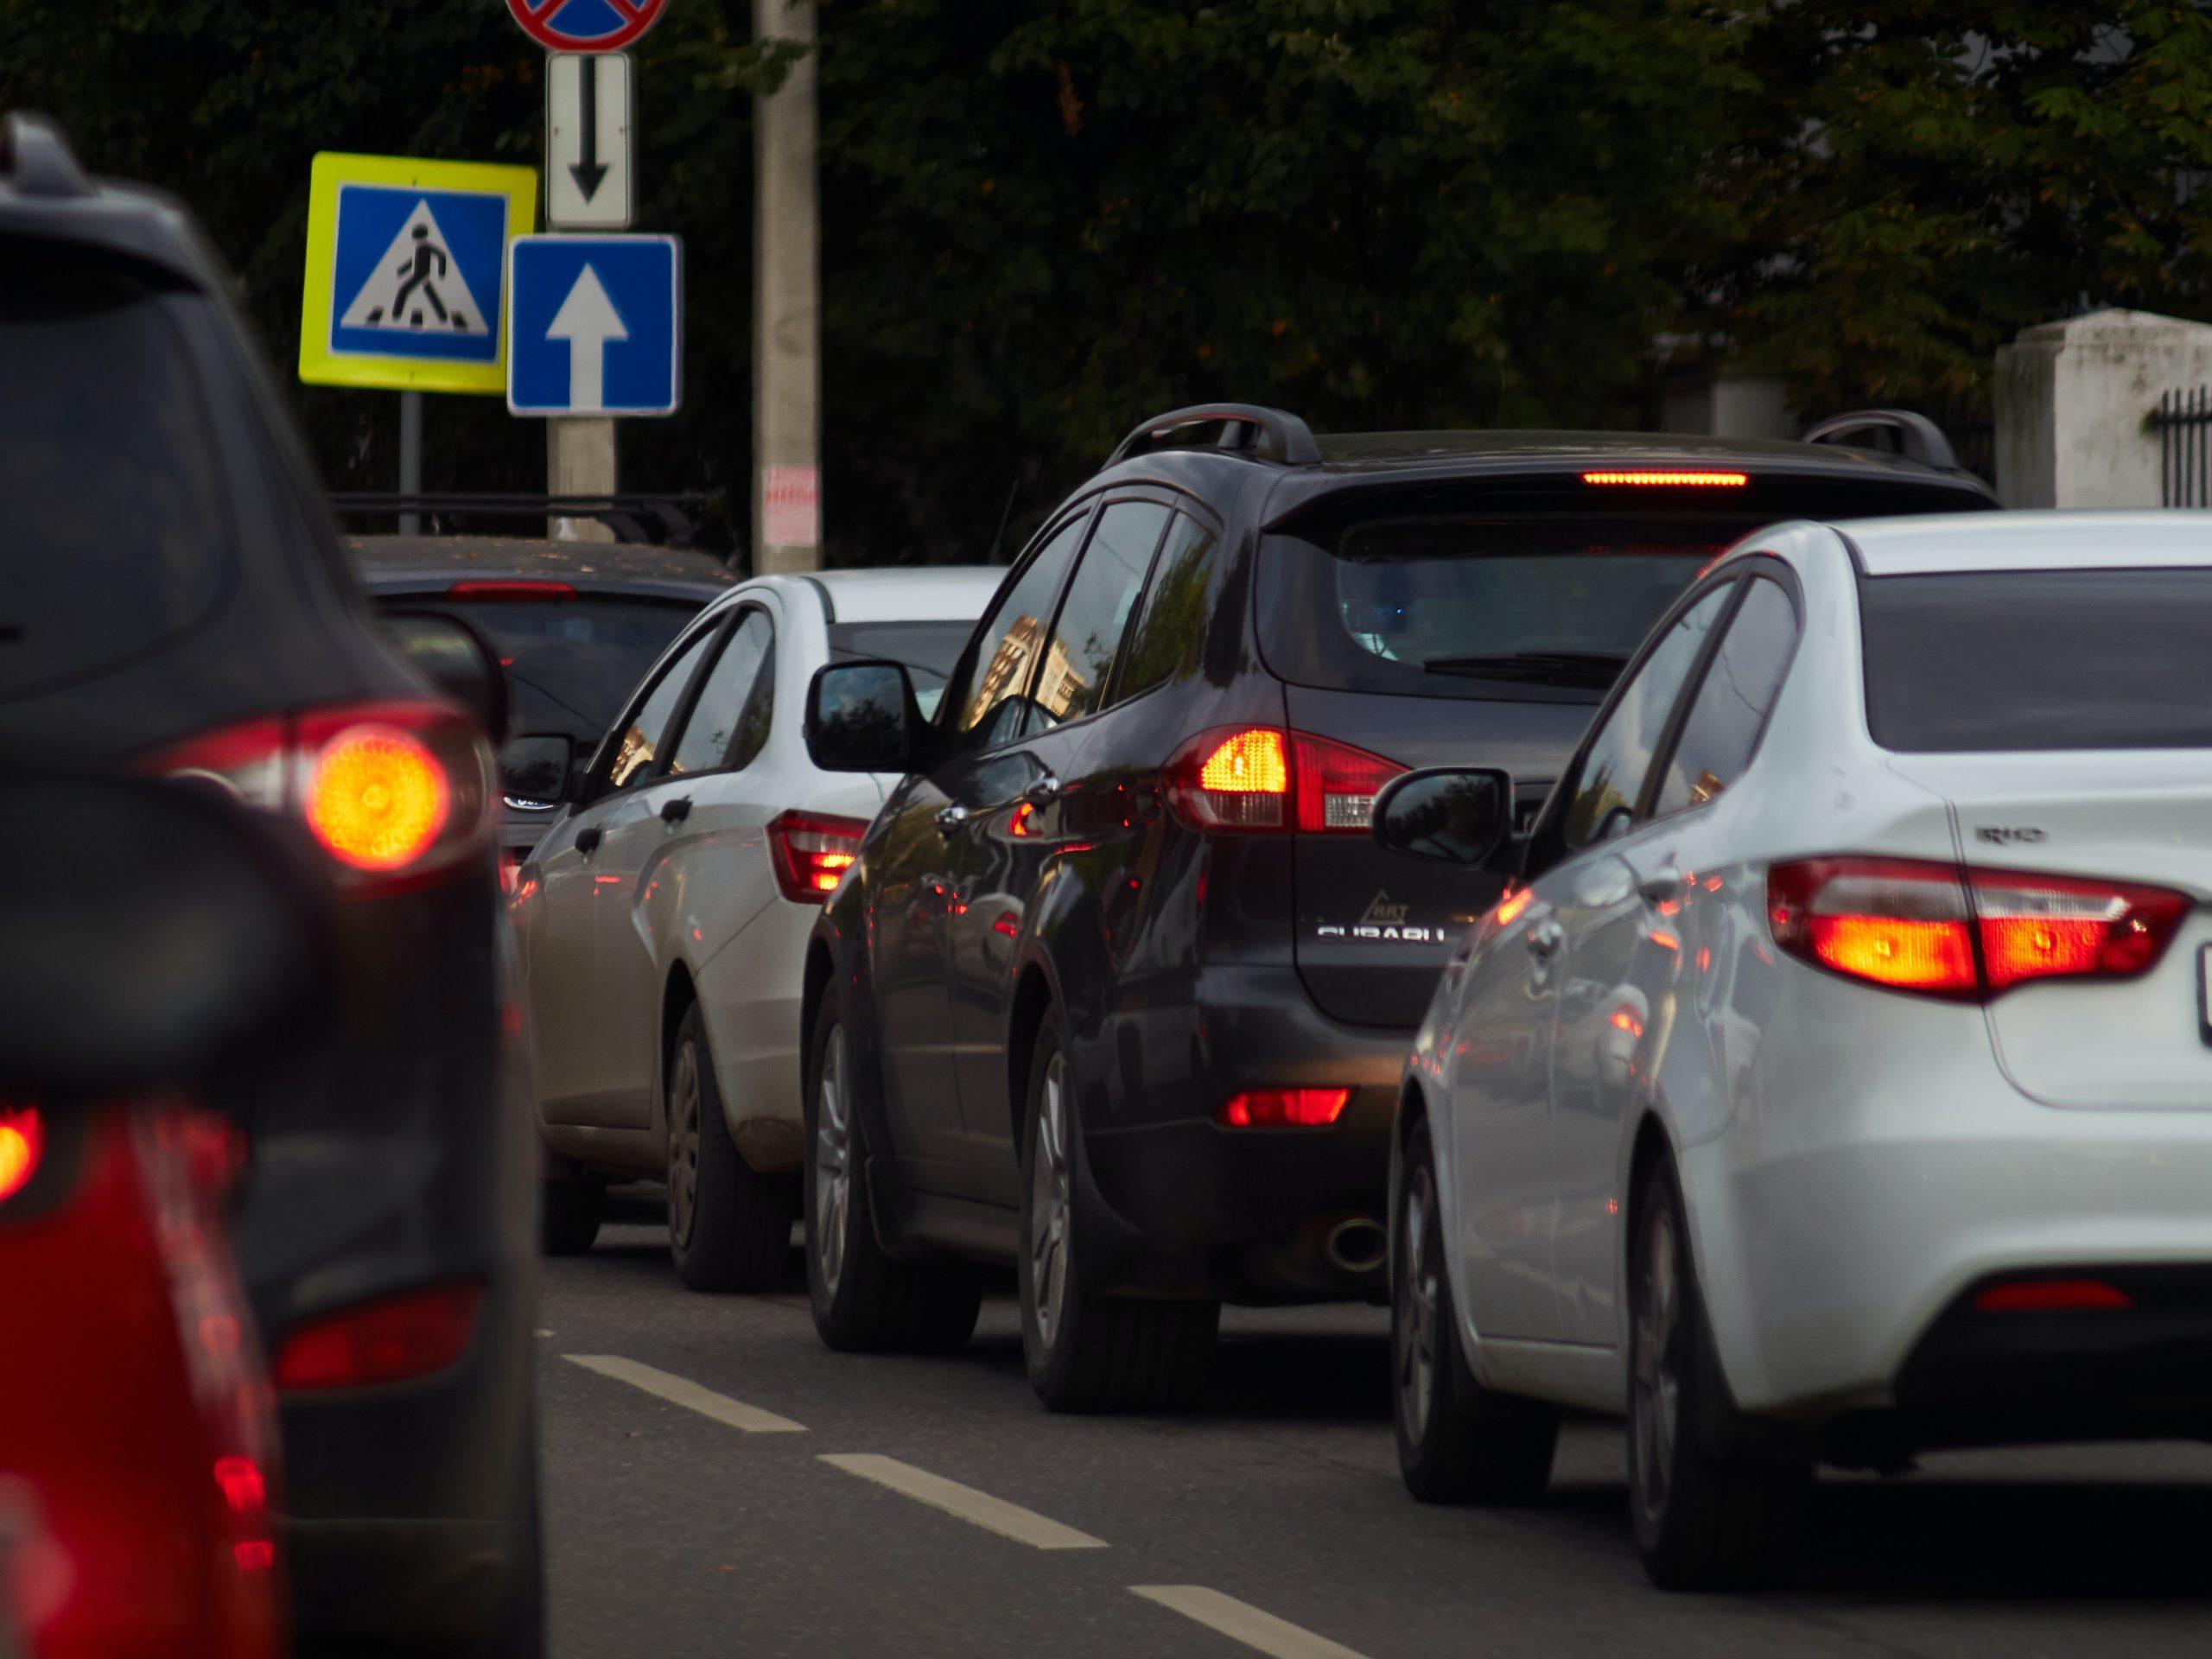 Sistem de semnalare online a problemelor întâlnite în trafic. Propunere pentru șoferi făcută de Ministerul Transporturilor